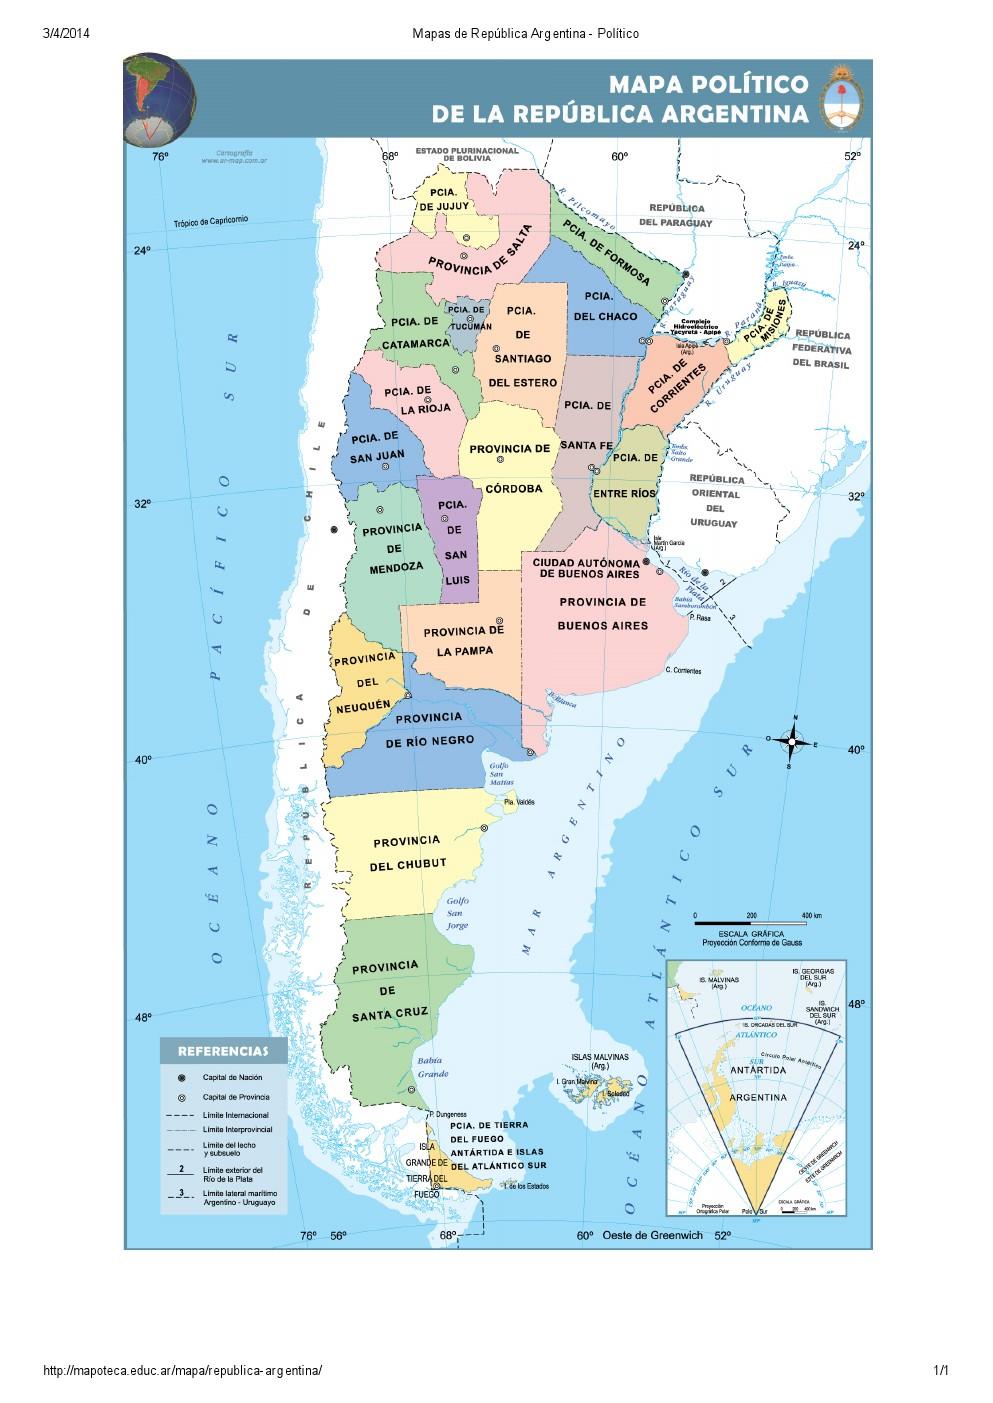 Mapa de provincias de Argentina. Mapoteca de Educ.ar